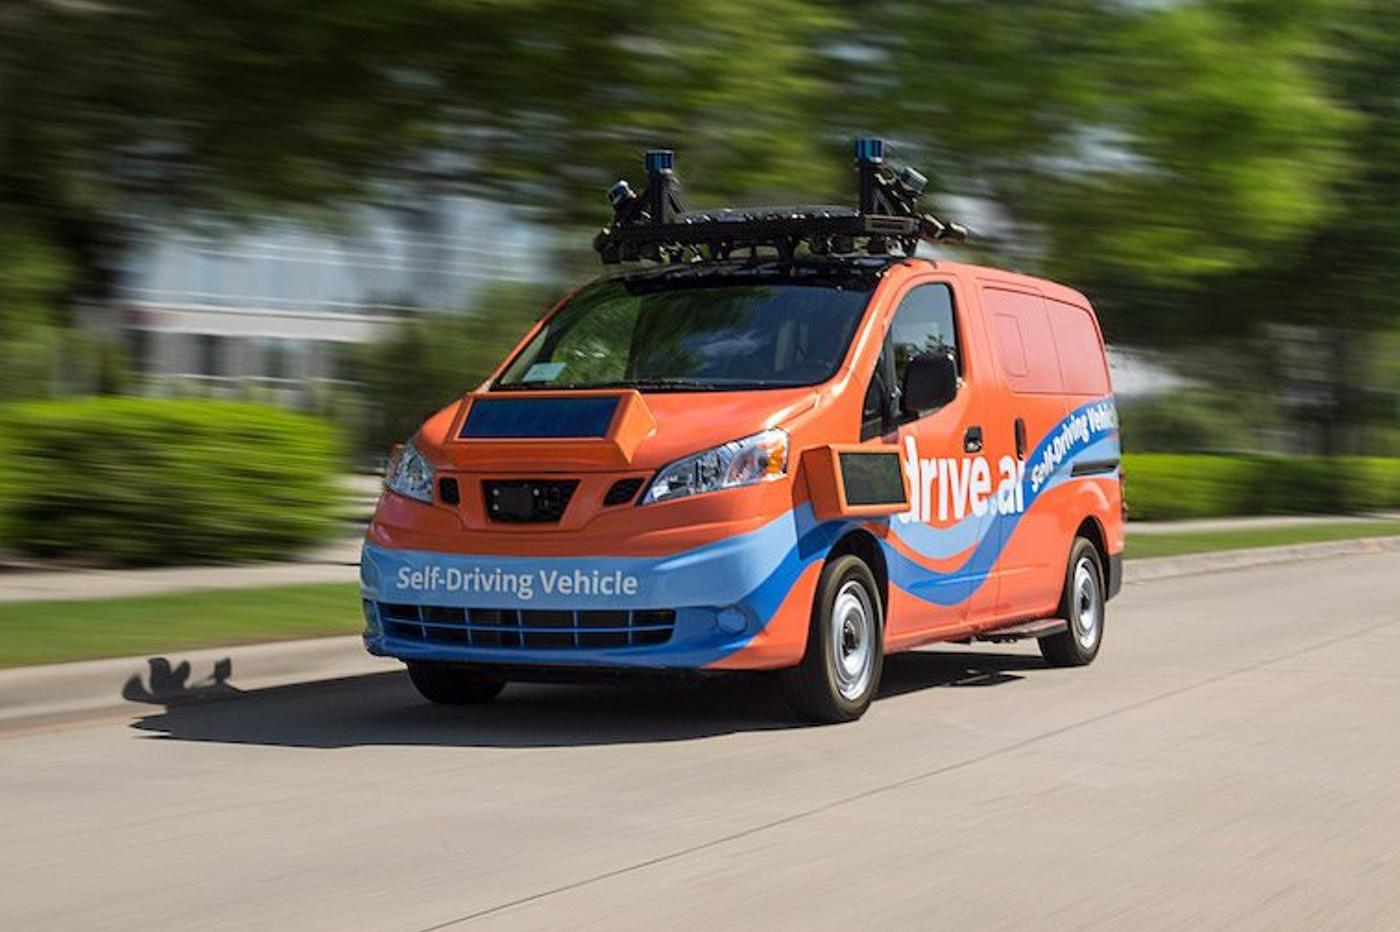 Apple confirme le rachat de Drive.ai, une startup spécialisée dans la conduite autonome 1